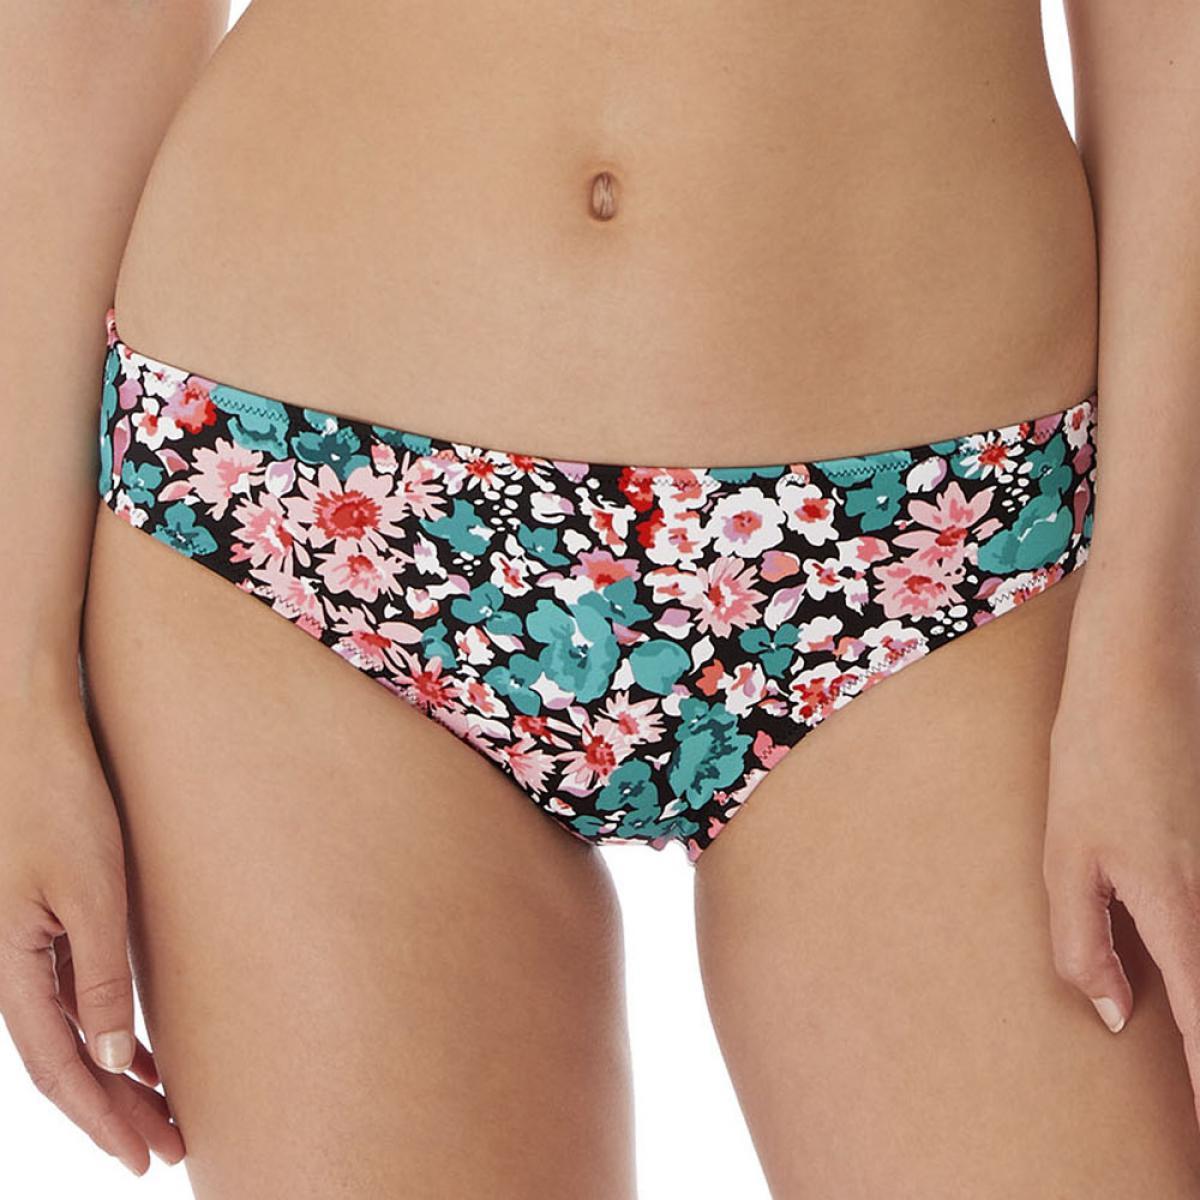 Promo : Culotte de bain classique multicolore - Freya maillot - Modalova